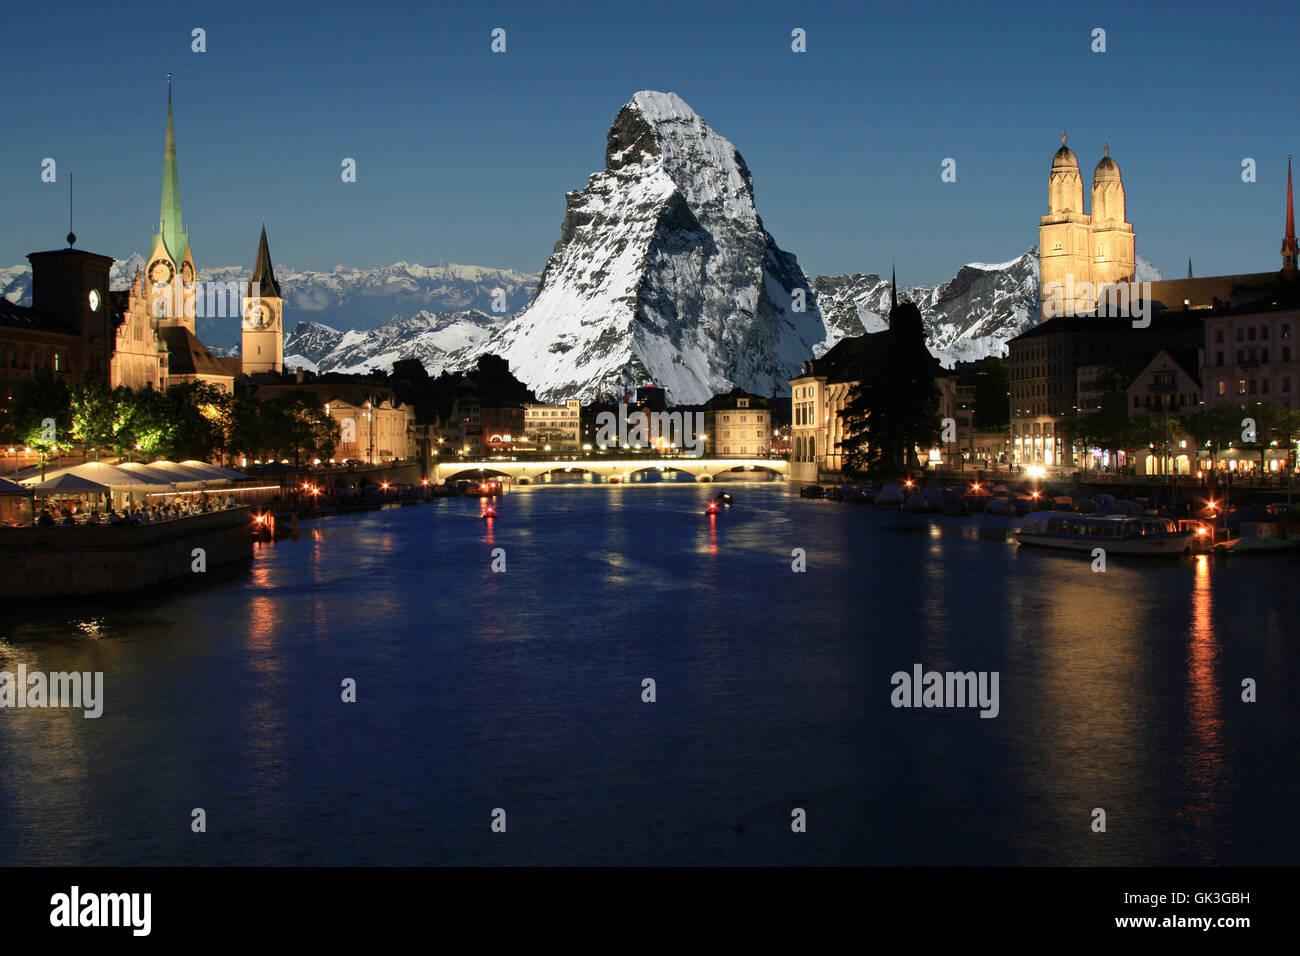 Zurigo con il Cervino sullo sfondo Immagini Stock